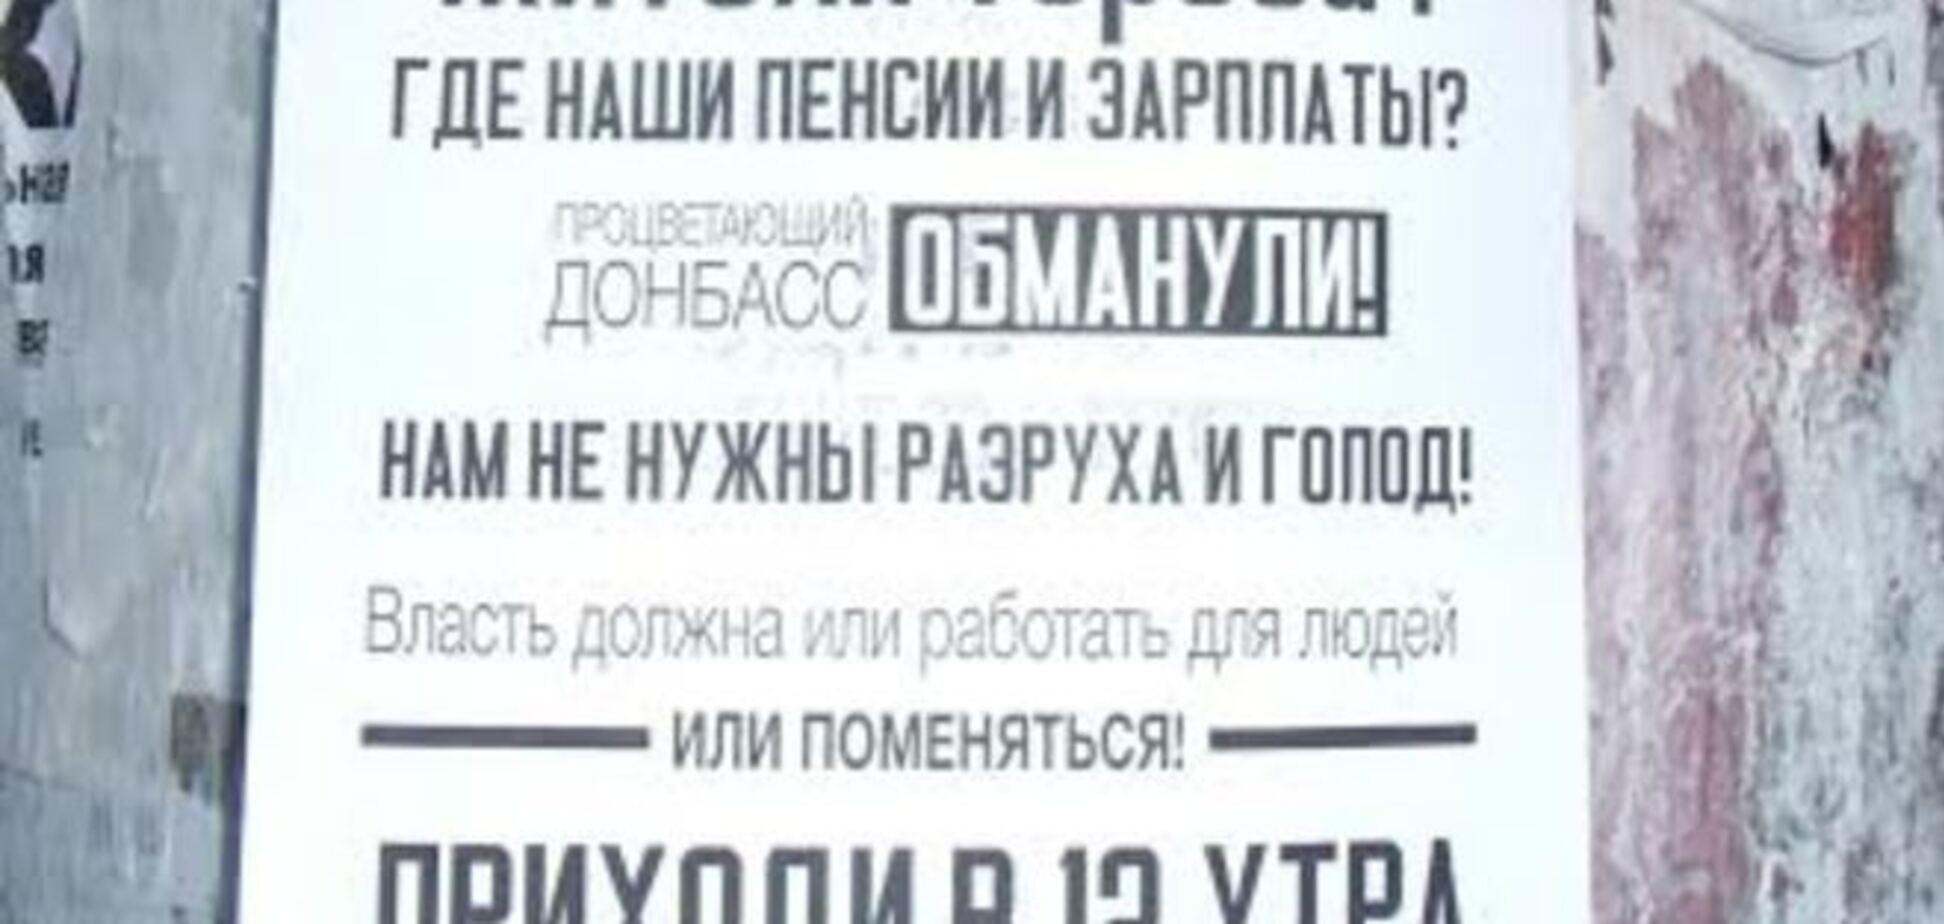 Донбасс анонсирует свой майдан против русских оккупантов?